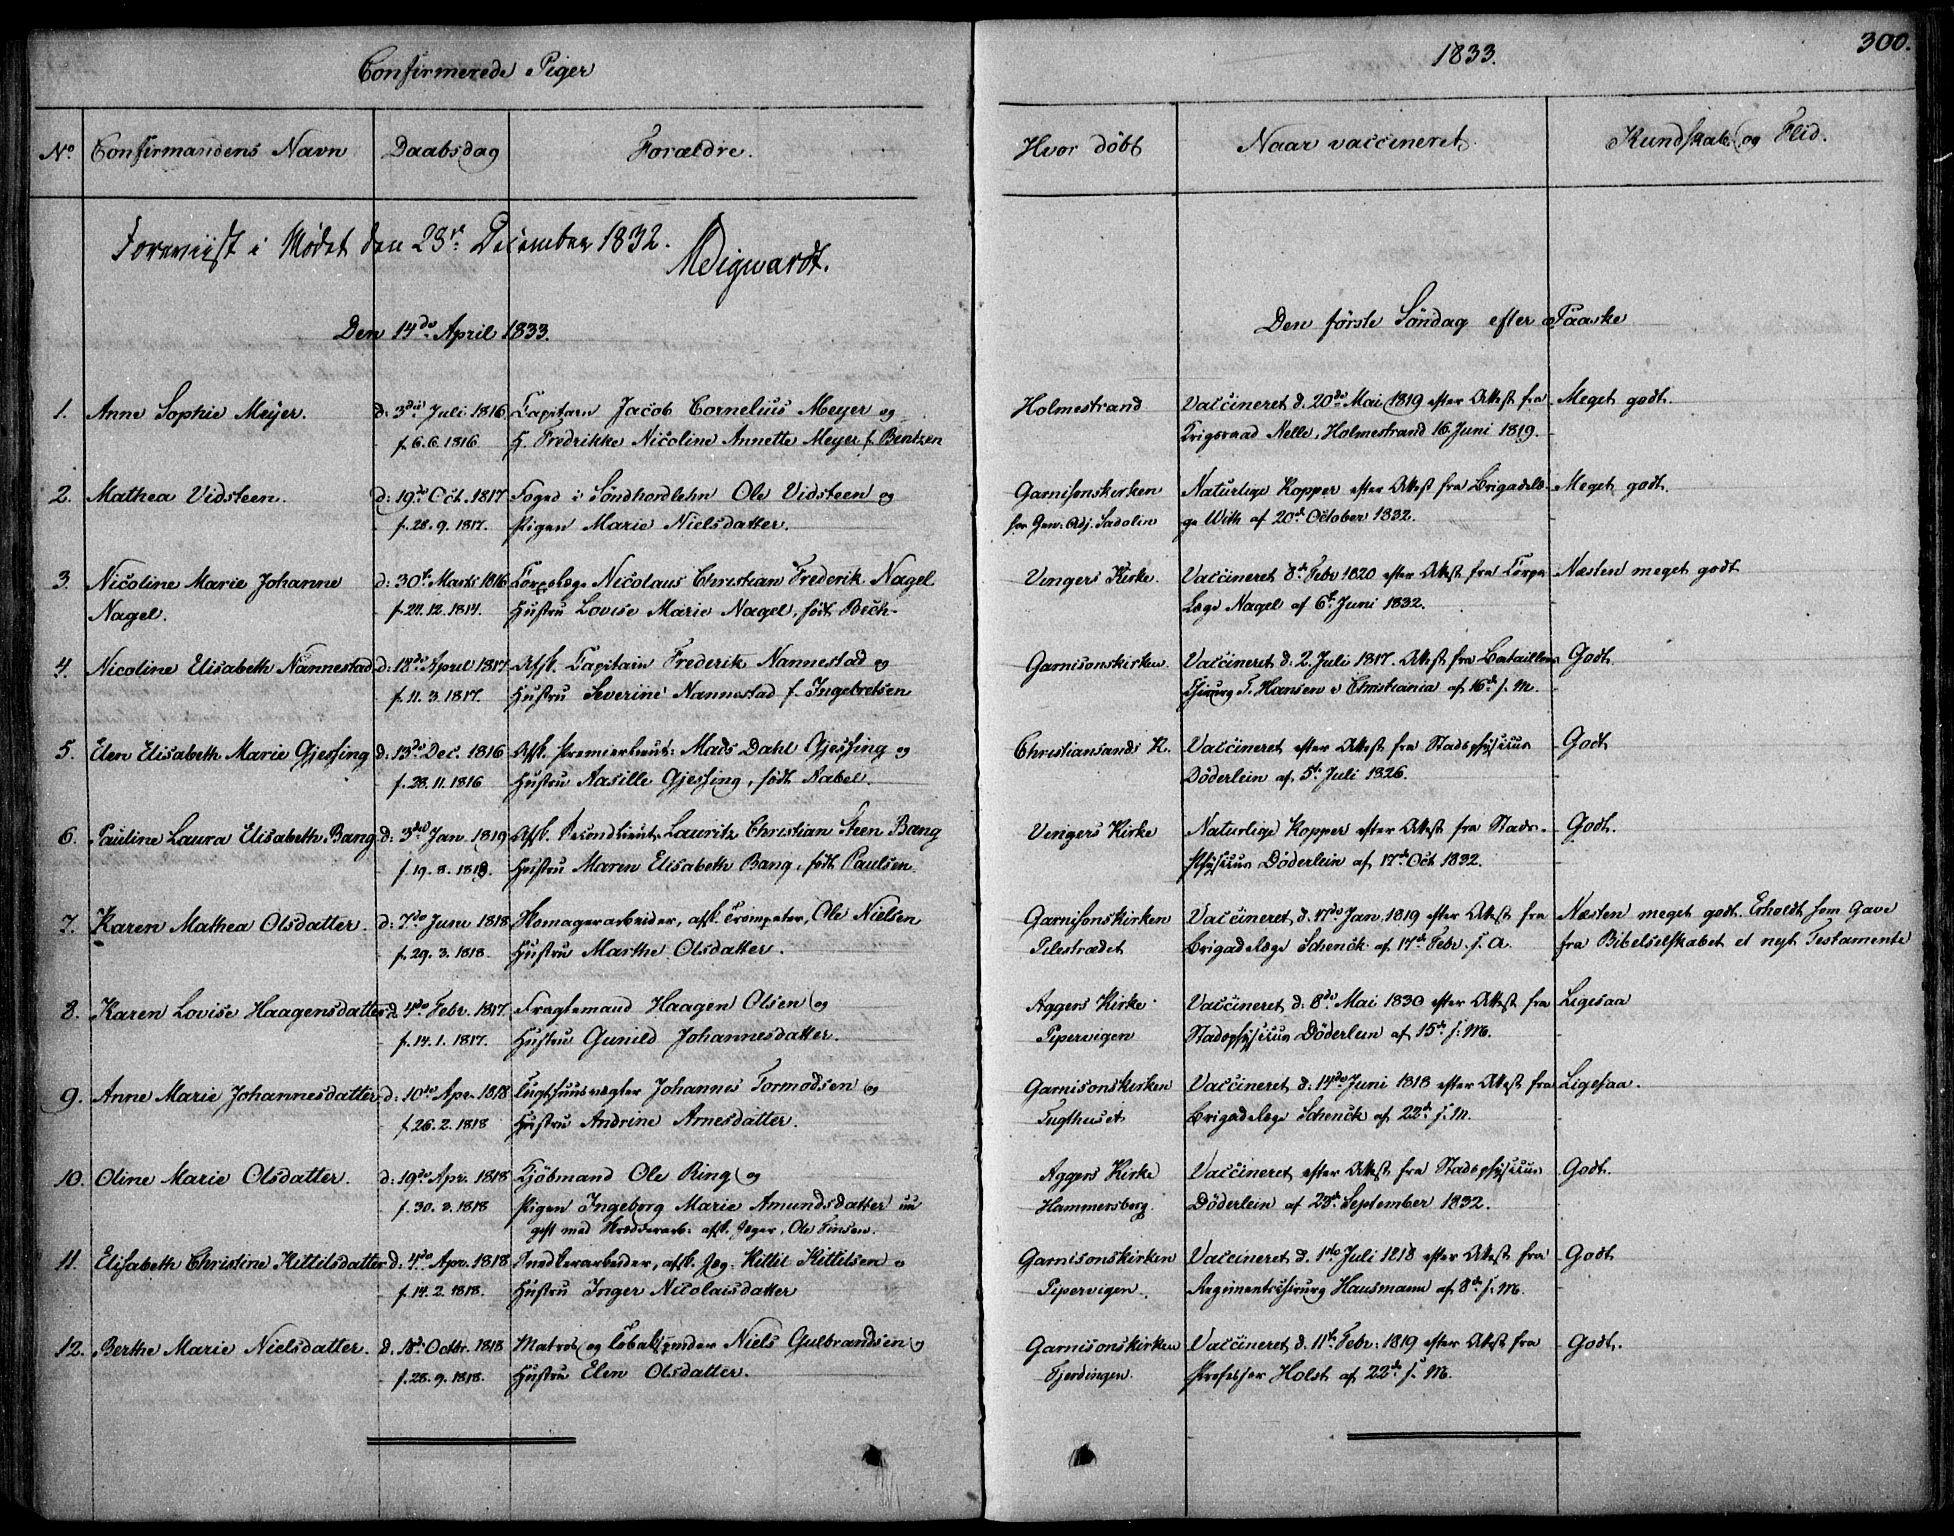 SAO, Garnisonsmenigheten Kirkebøker, F/Fa/L0006: Ministerialbok nr. 6, 1828-1841, s. 300